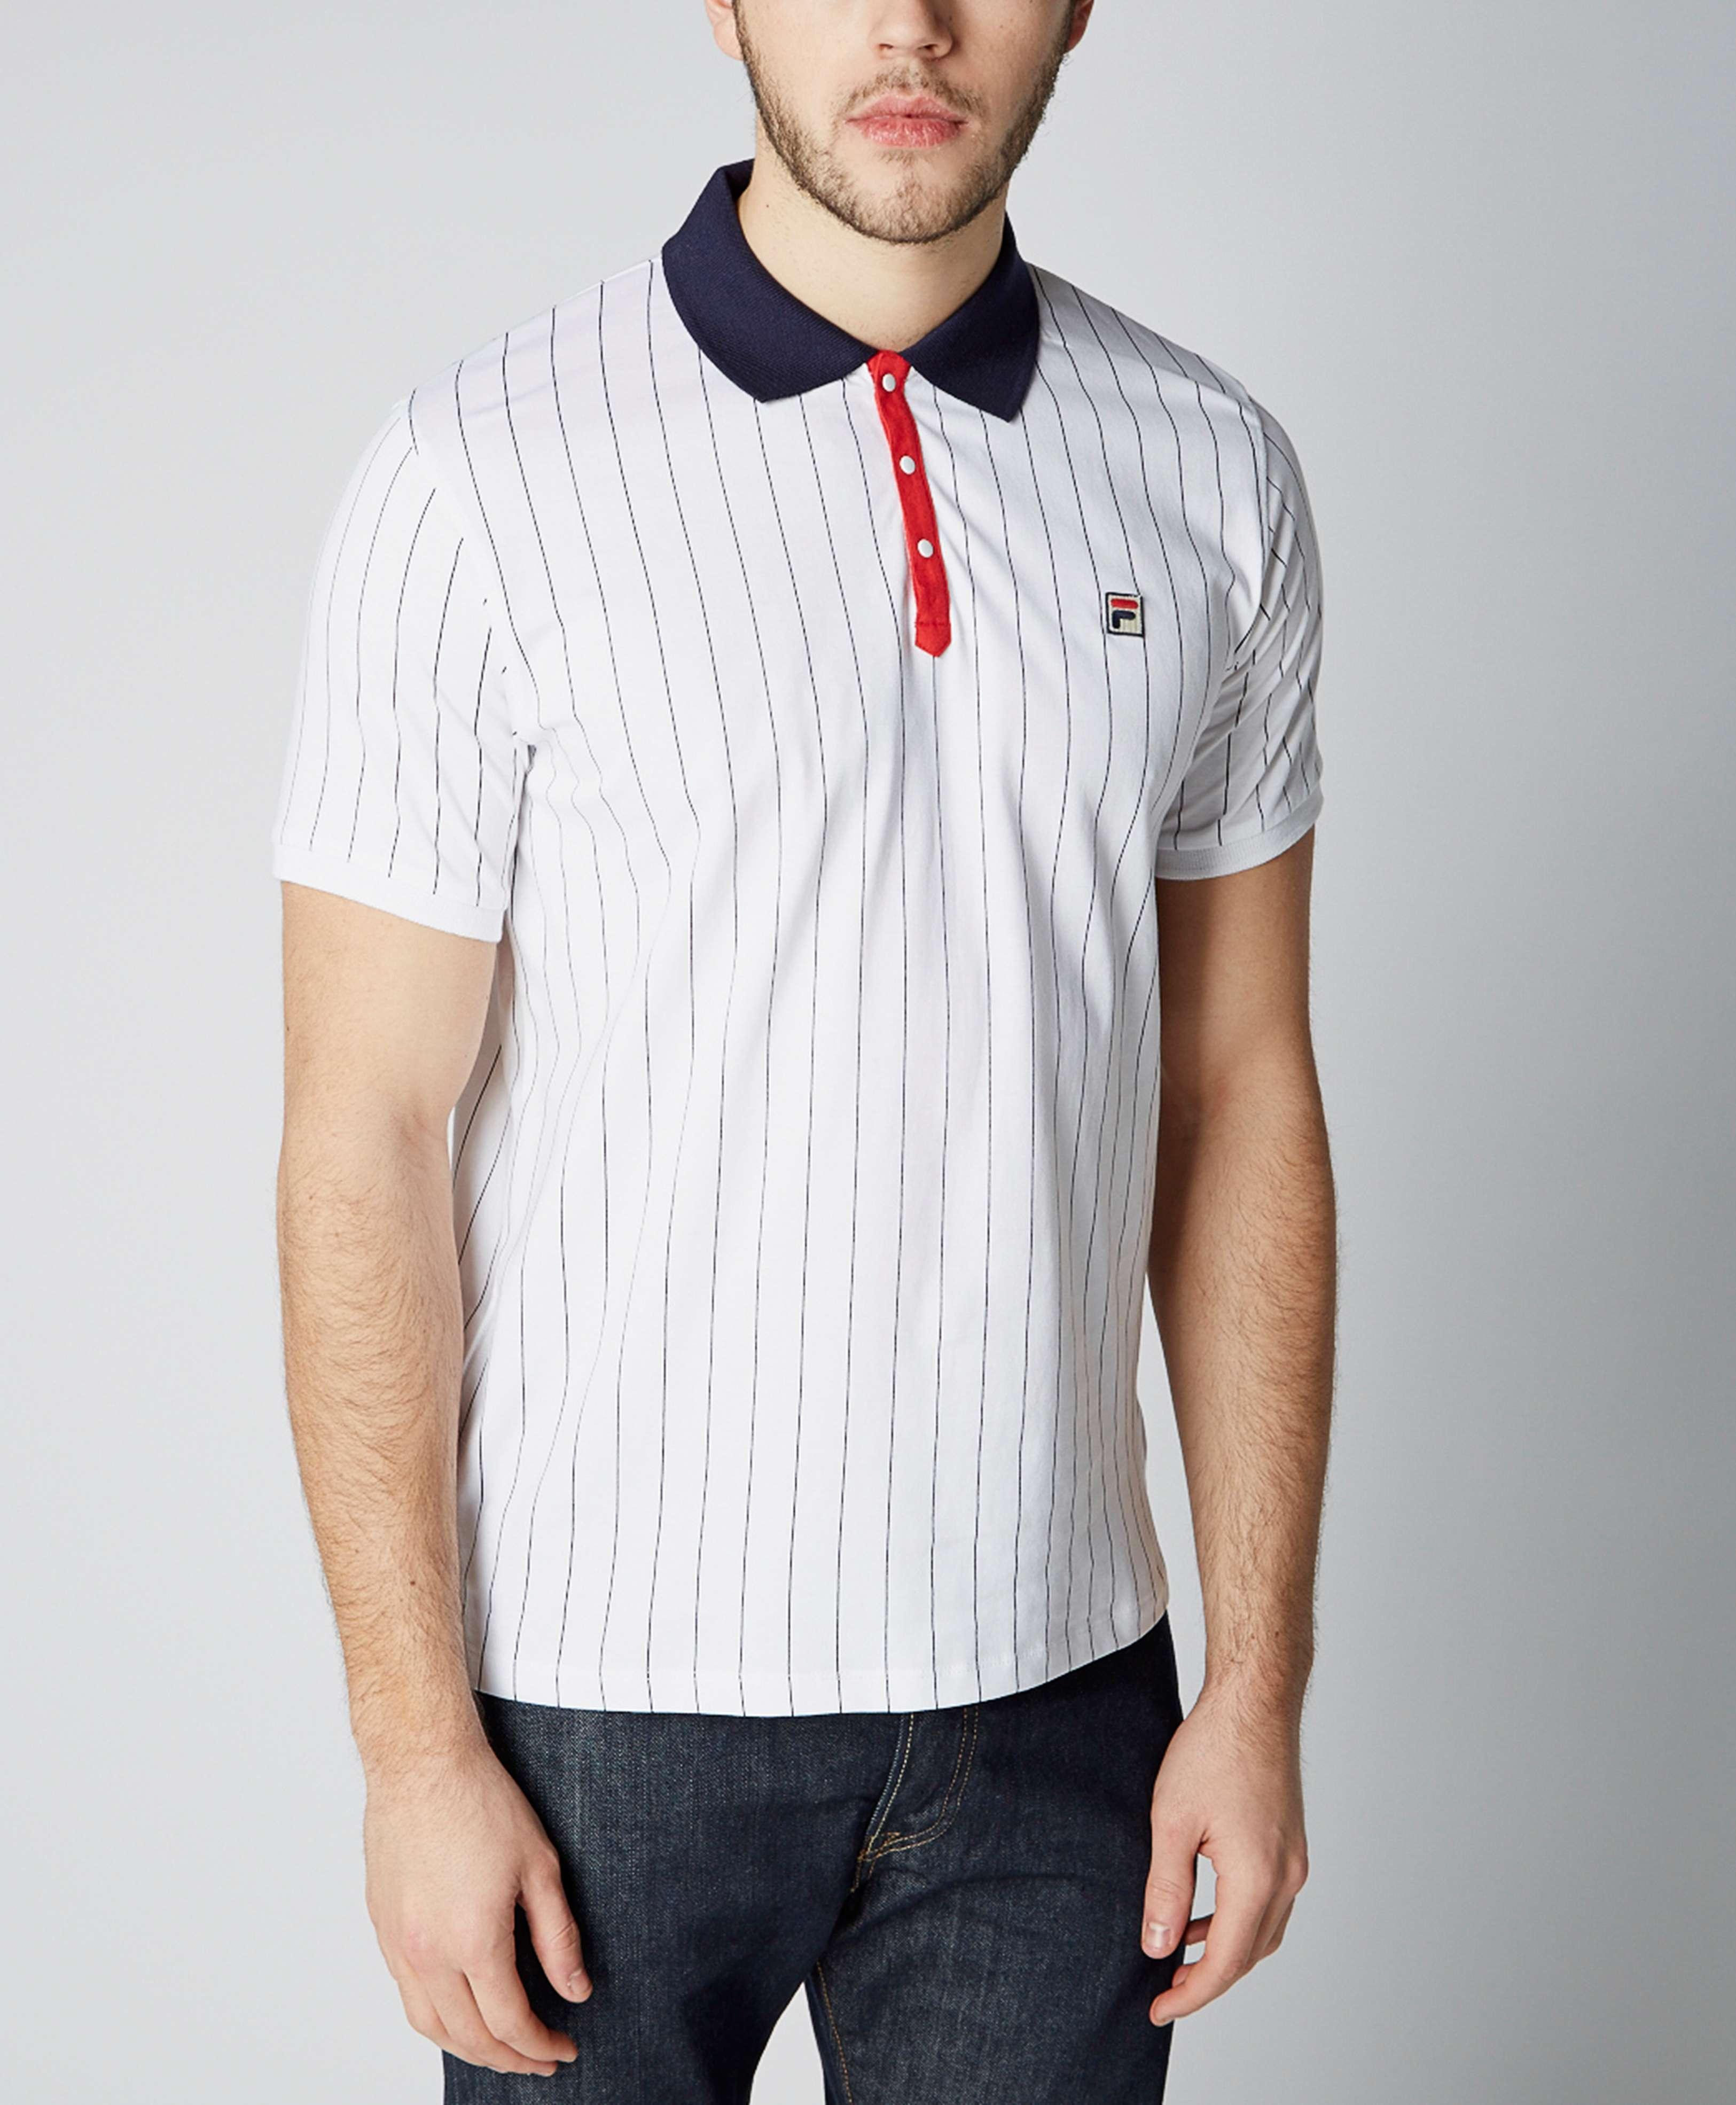 51553d23e7 Fila Polo Shirts